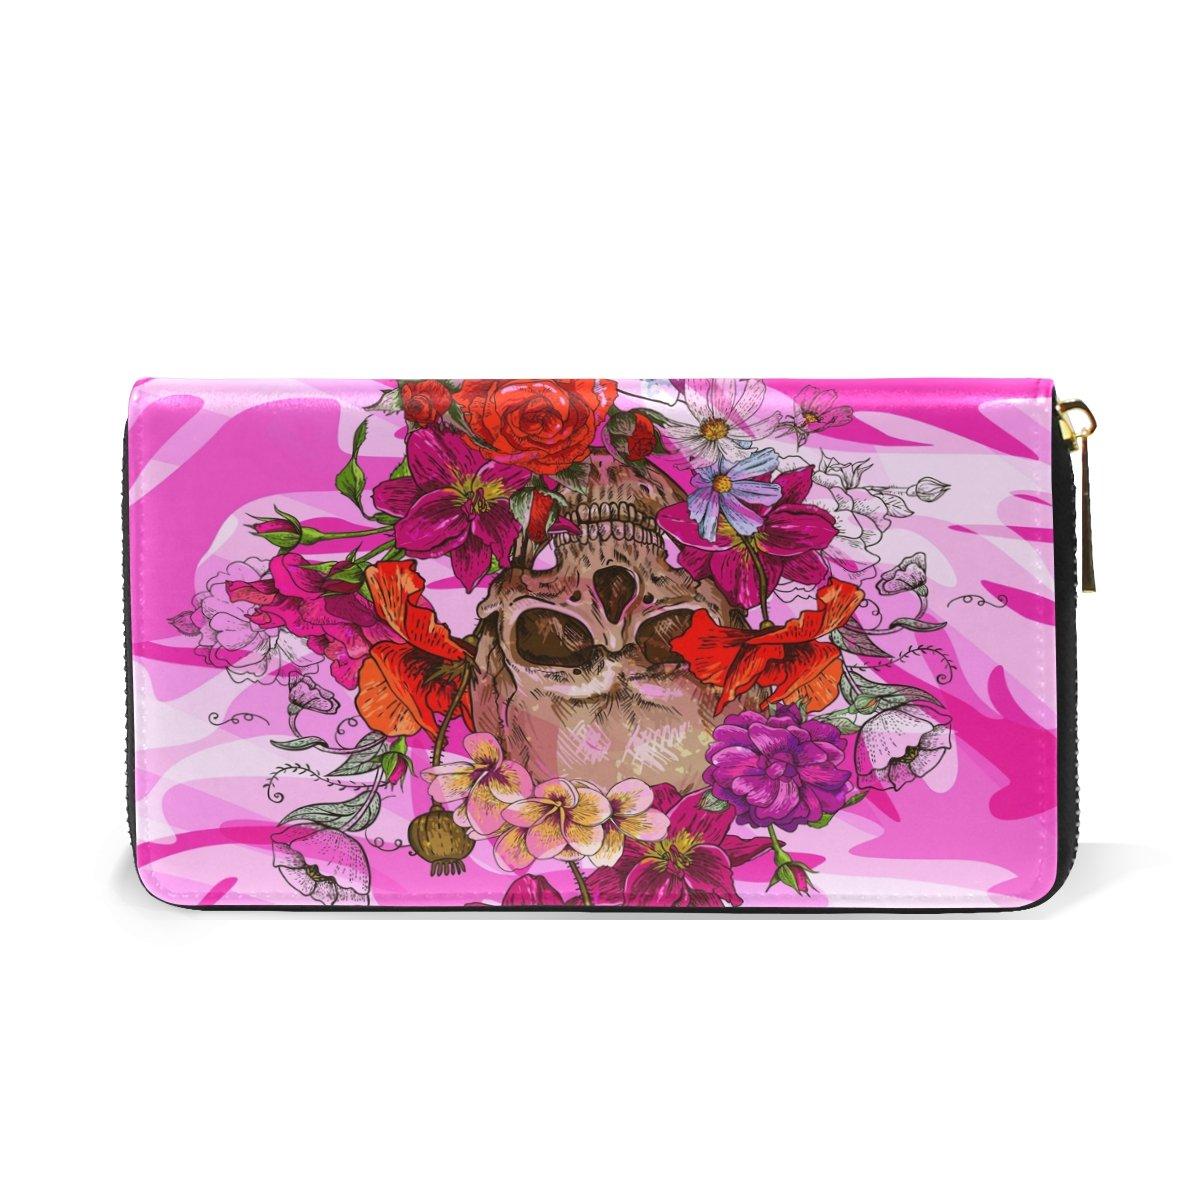 Amazon.com: Mujer Calavera Rosa portafolios Funda de piel ...